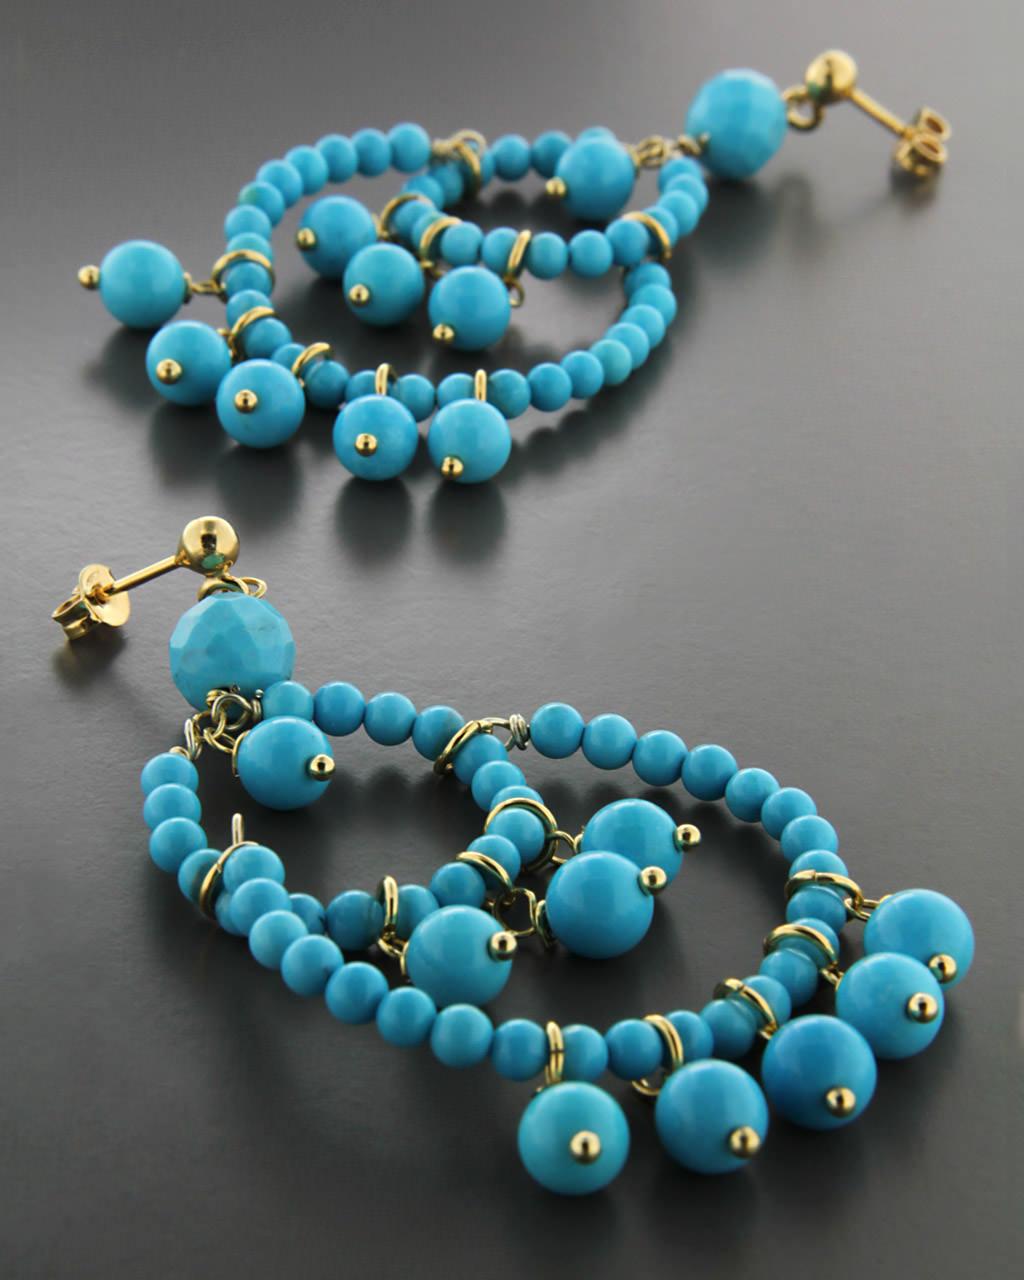 Σκουλαρίκια ασημένια 925 με Τυρκουάζ   γυναικα σκουλαρίκια σκουλαρίκια ημιπολύτιμοι λίθοι